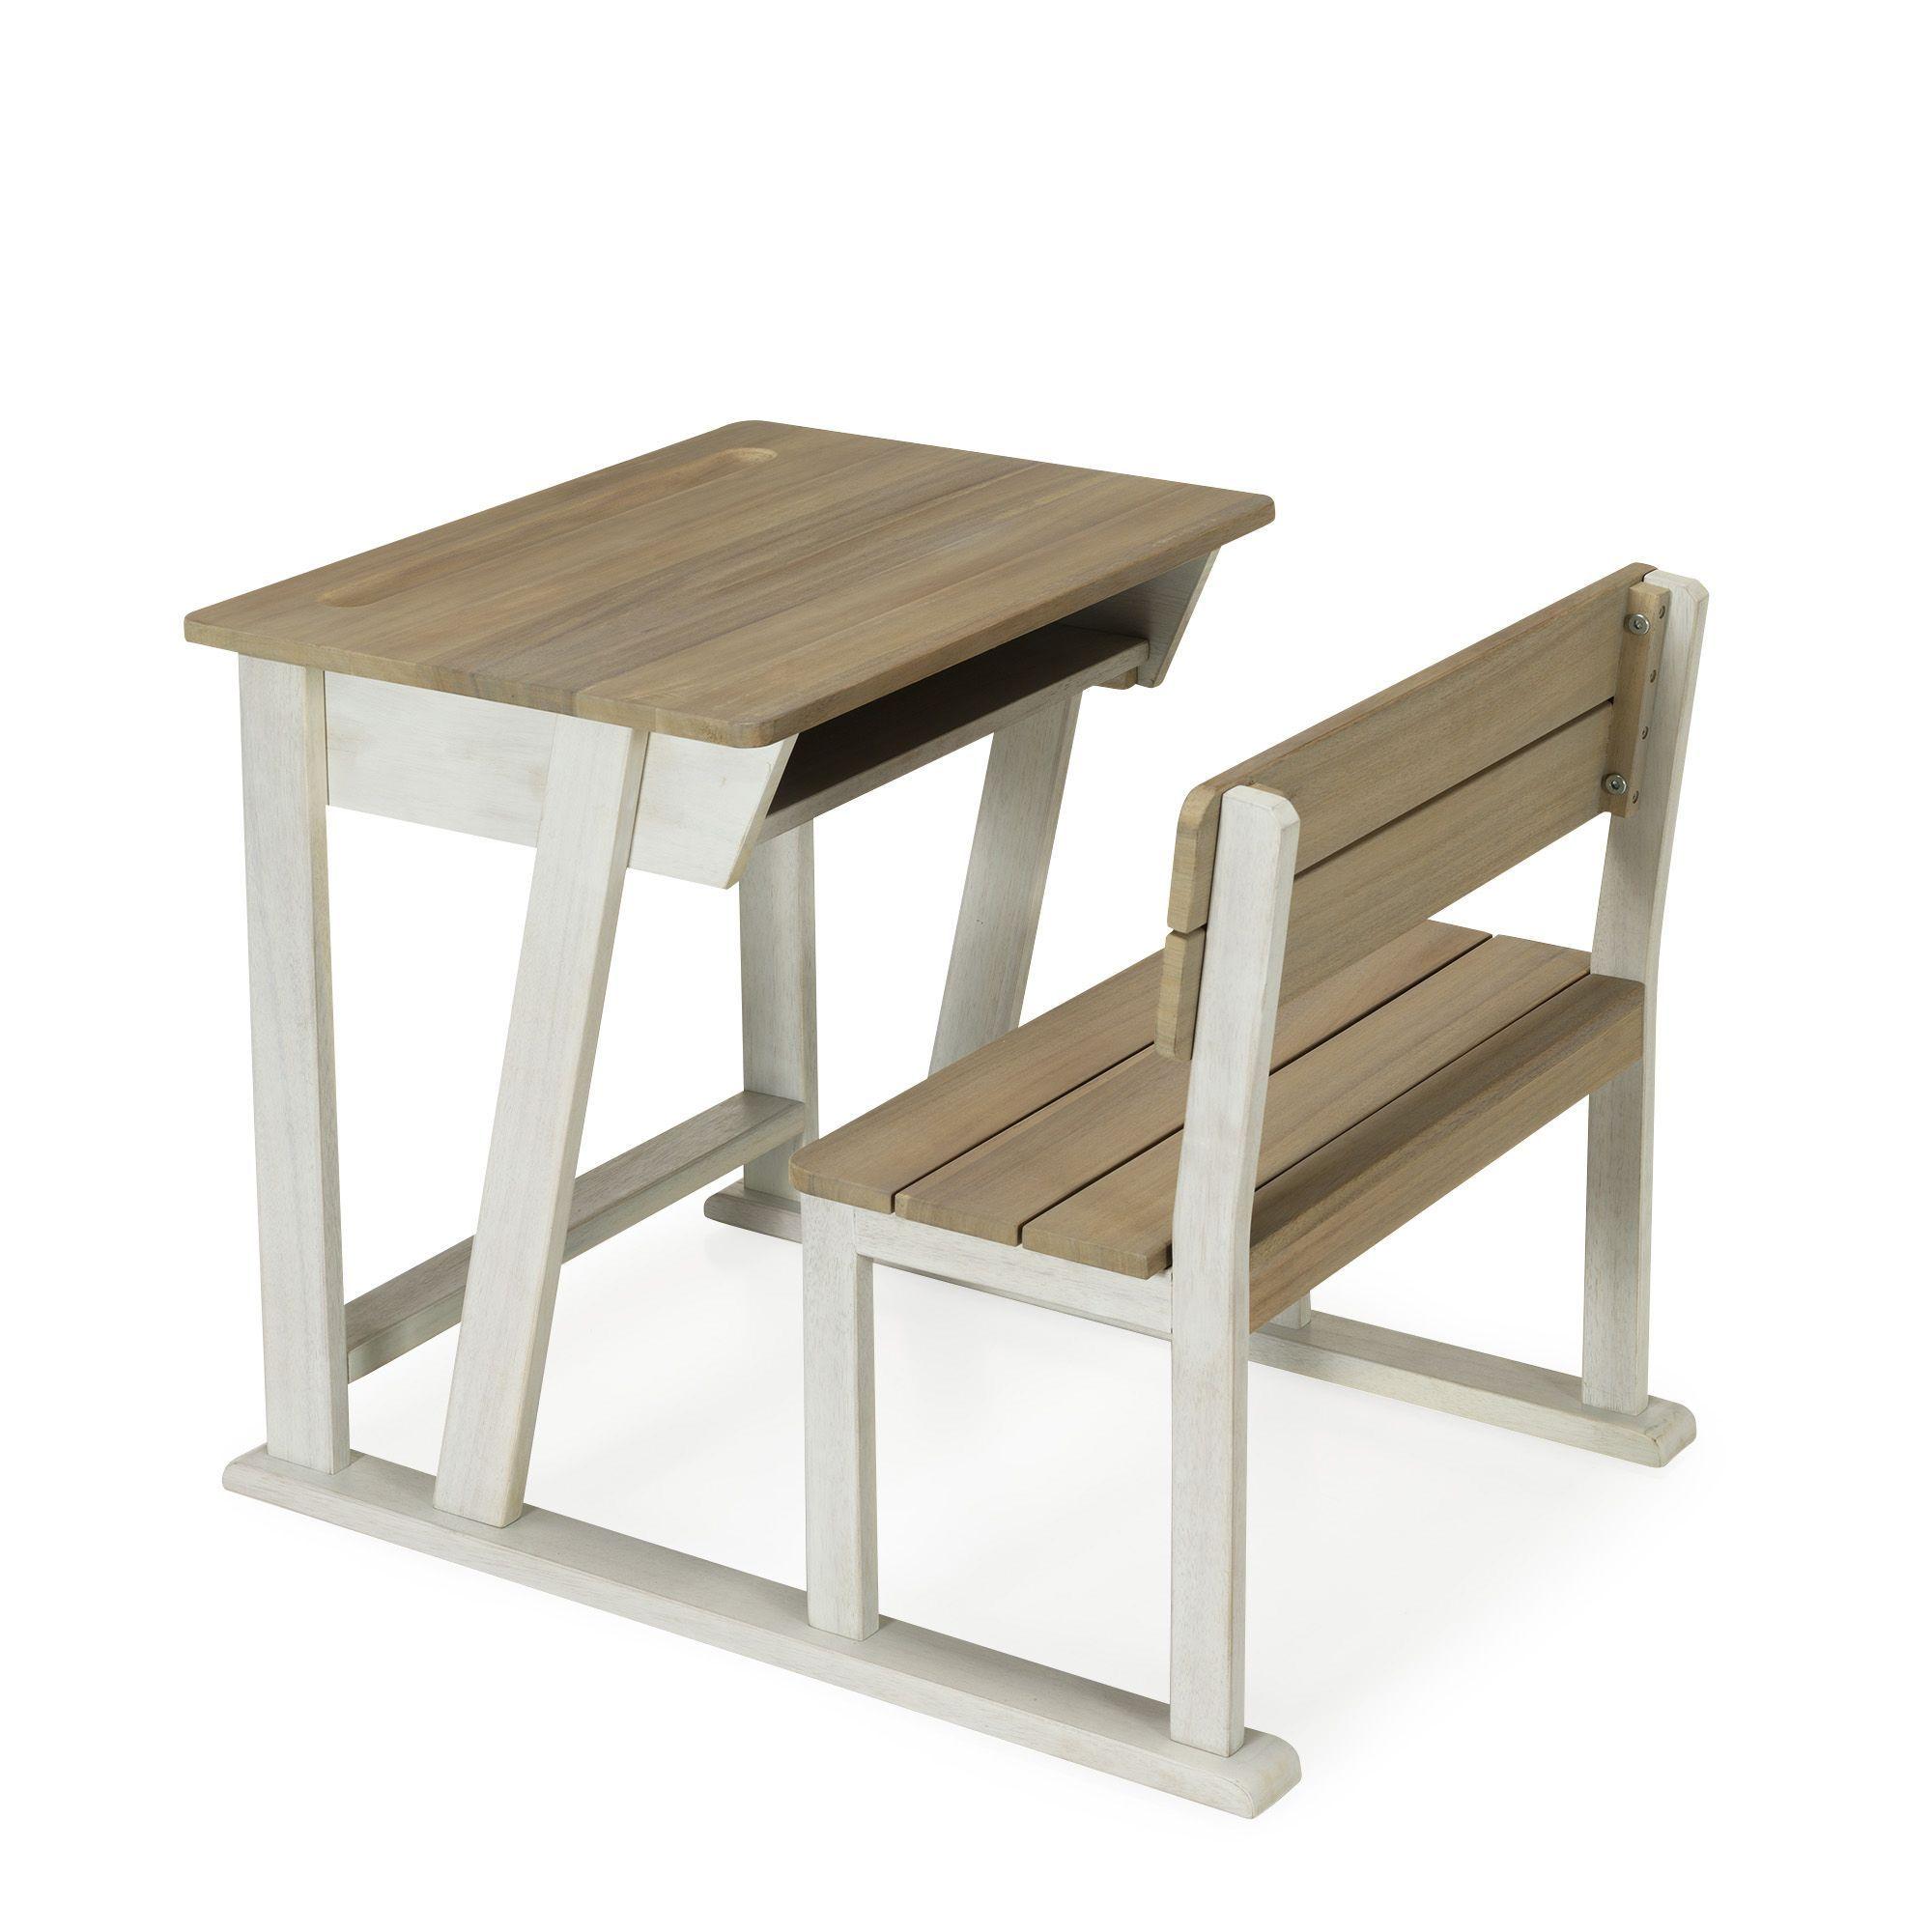 bureau d 39 colier pour enfant en acacia teck blanc jules les bureaux enfants meubles d. Black Bedroom Furniture Sets. Home Design Ideas